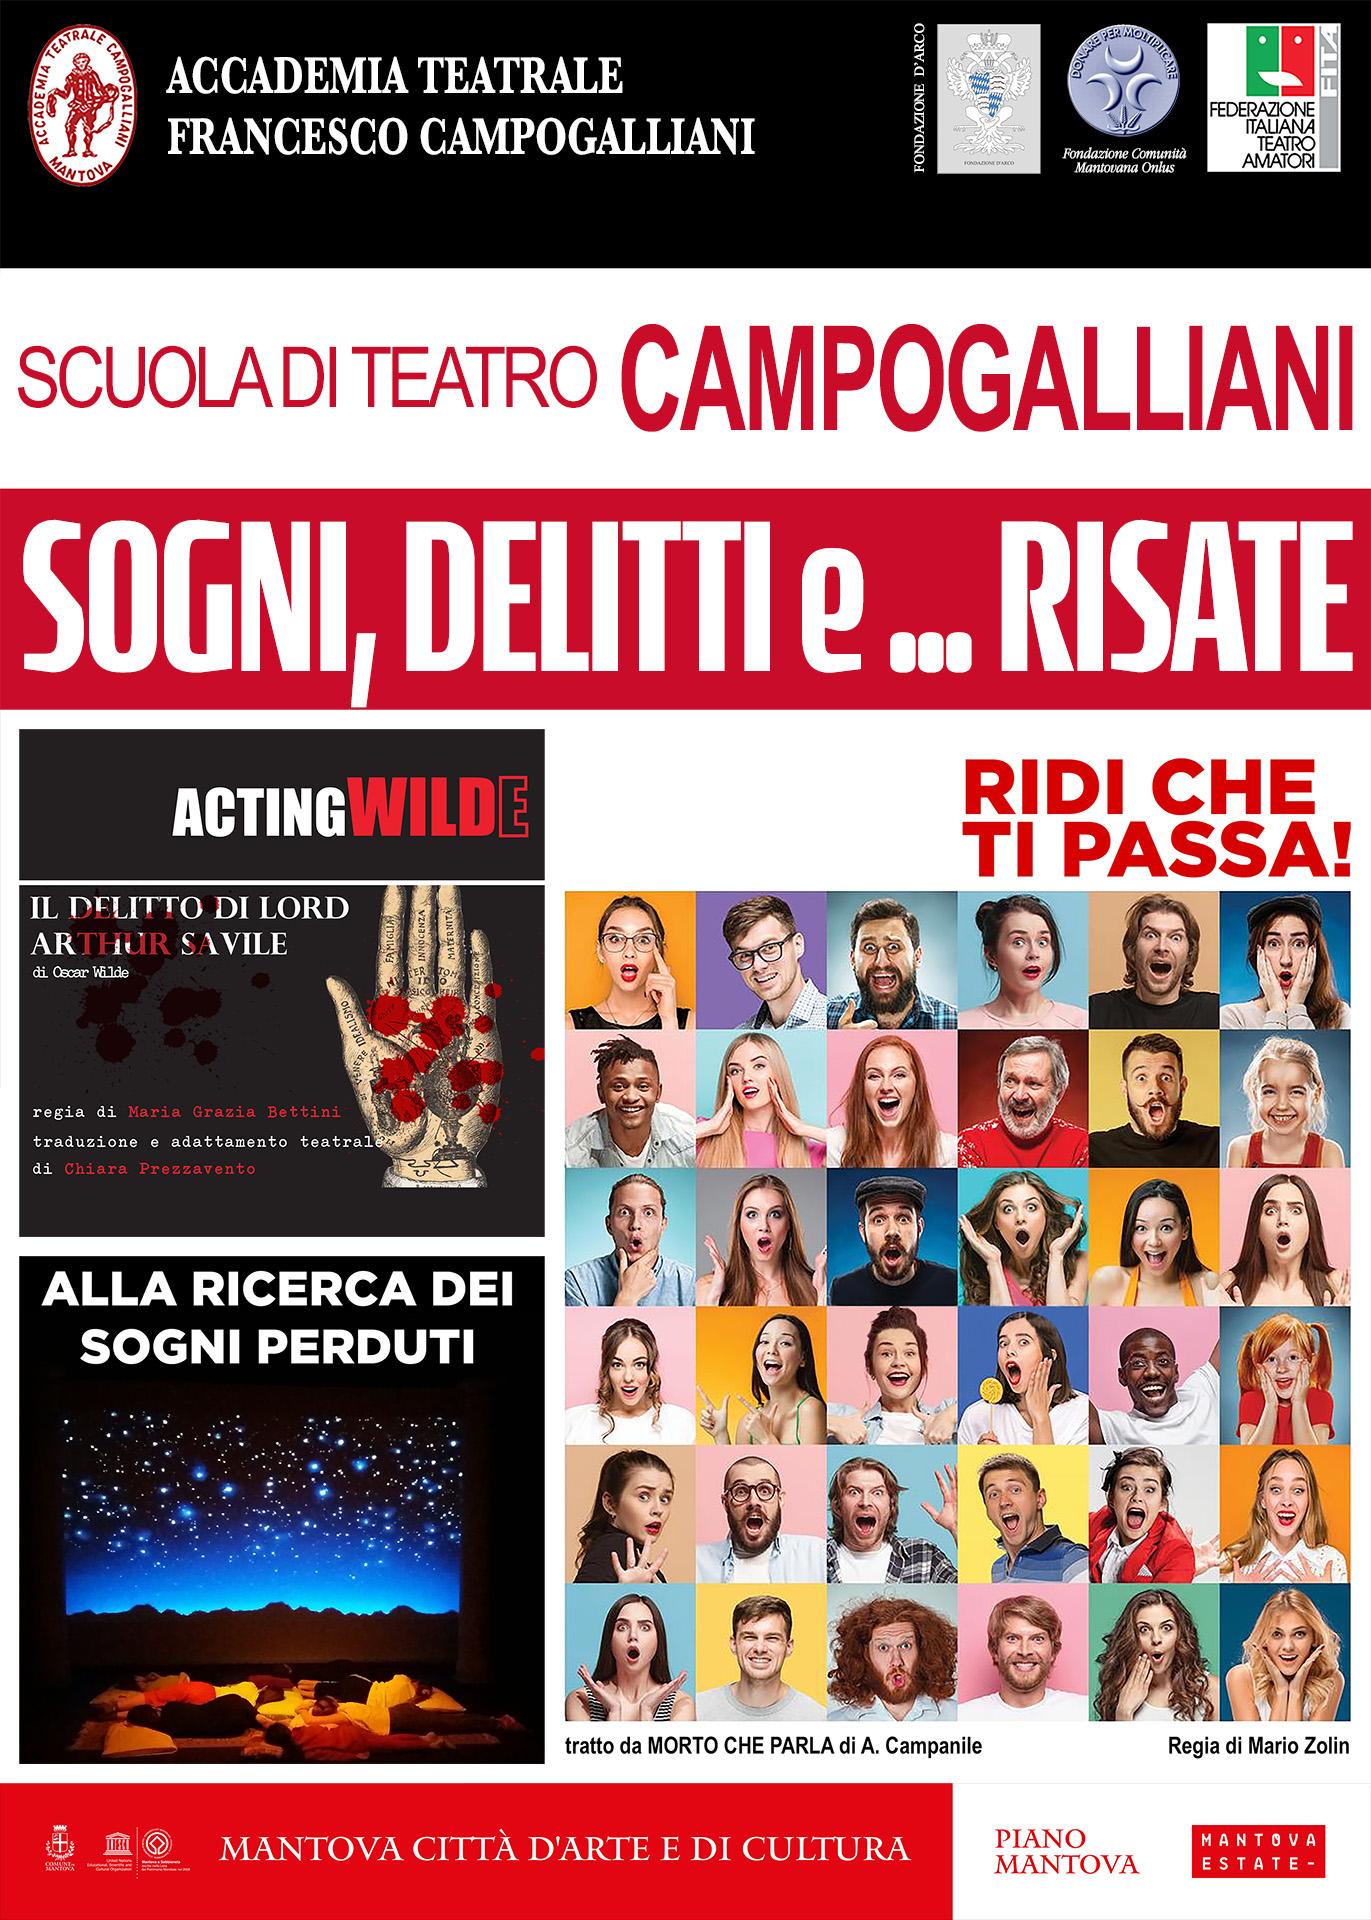 Scuola di Teatro Campogalliani